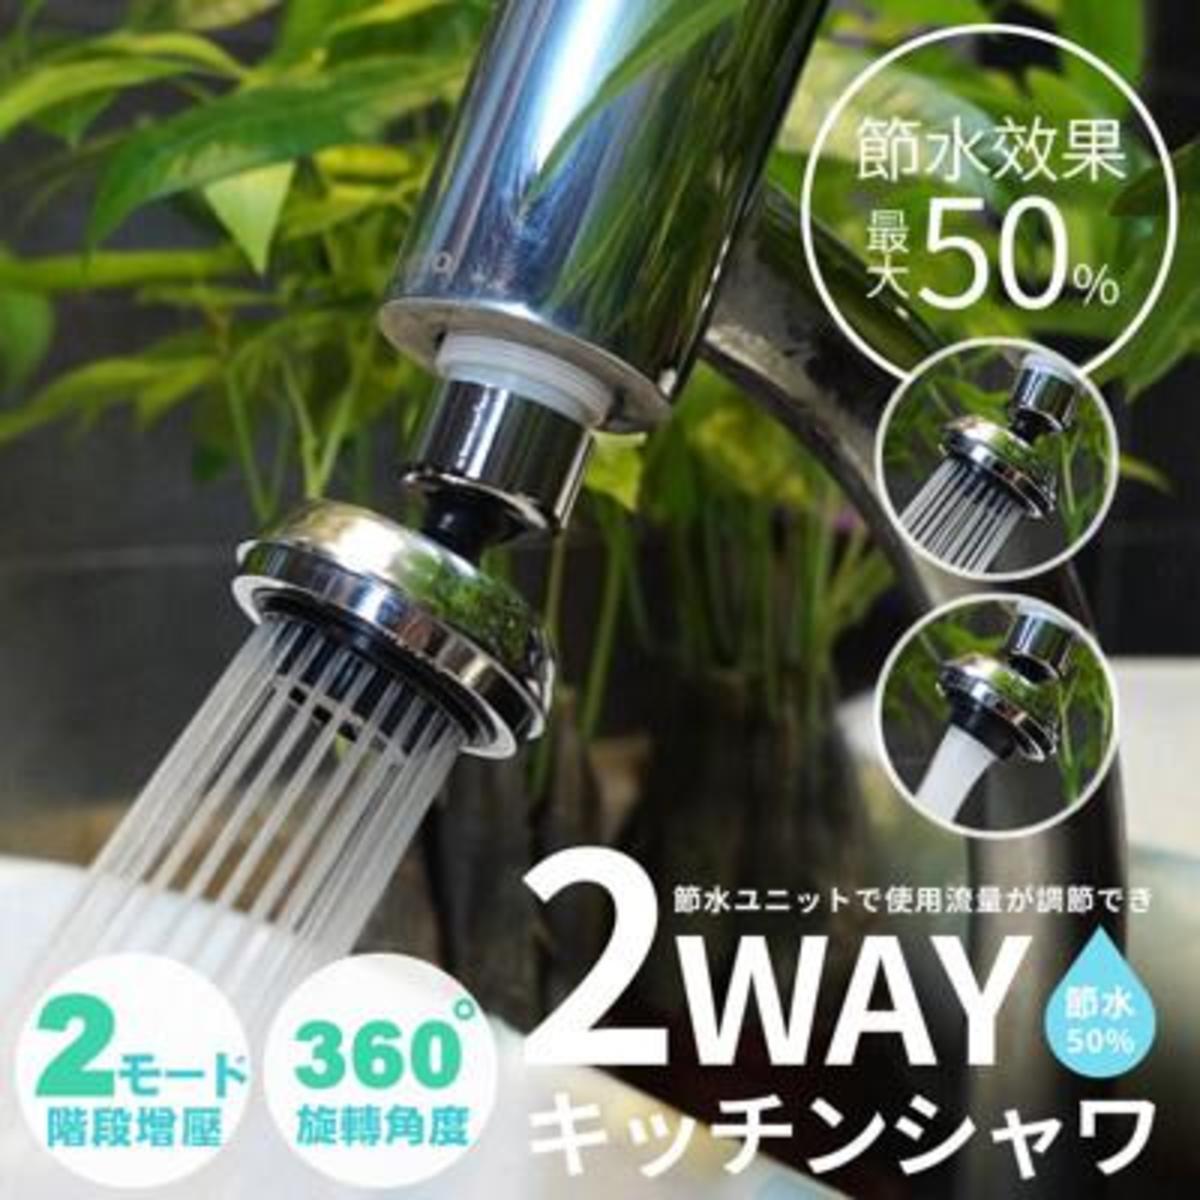 360 Degree Rotate Faucet Increase Water Pressure Water Saving Aerator